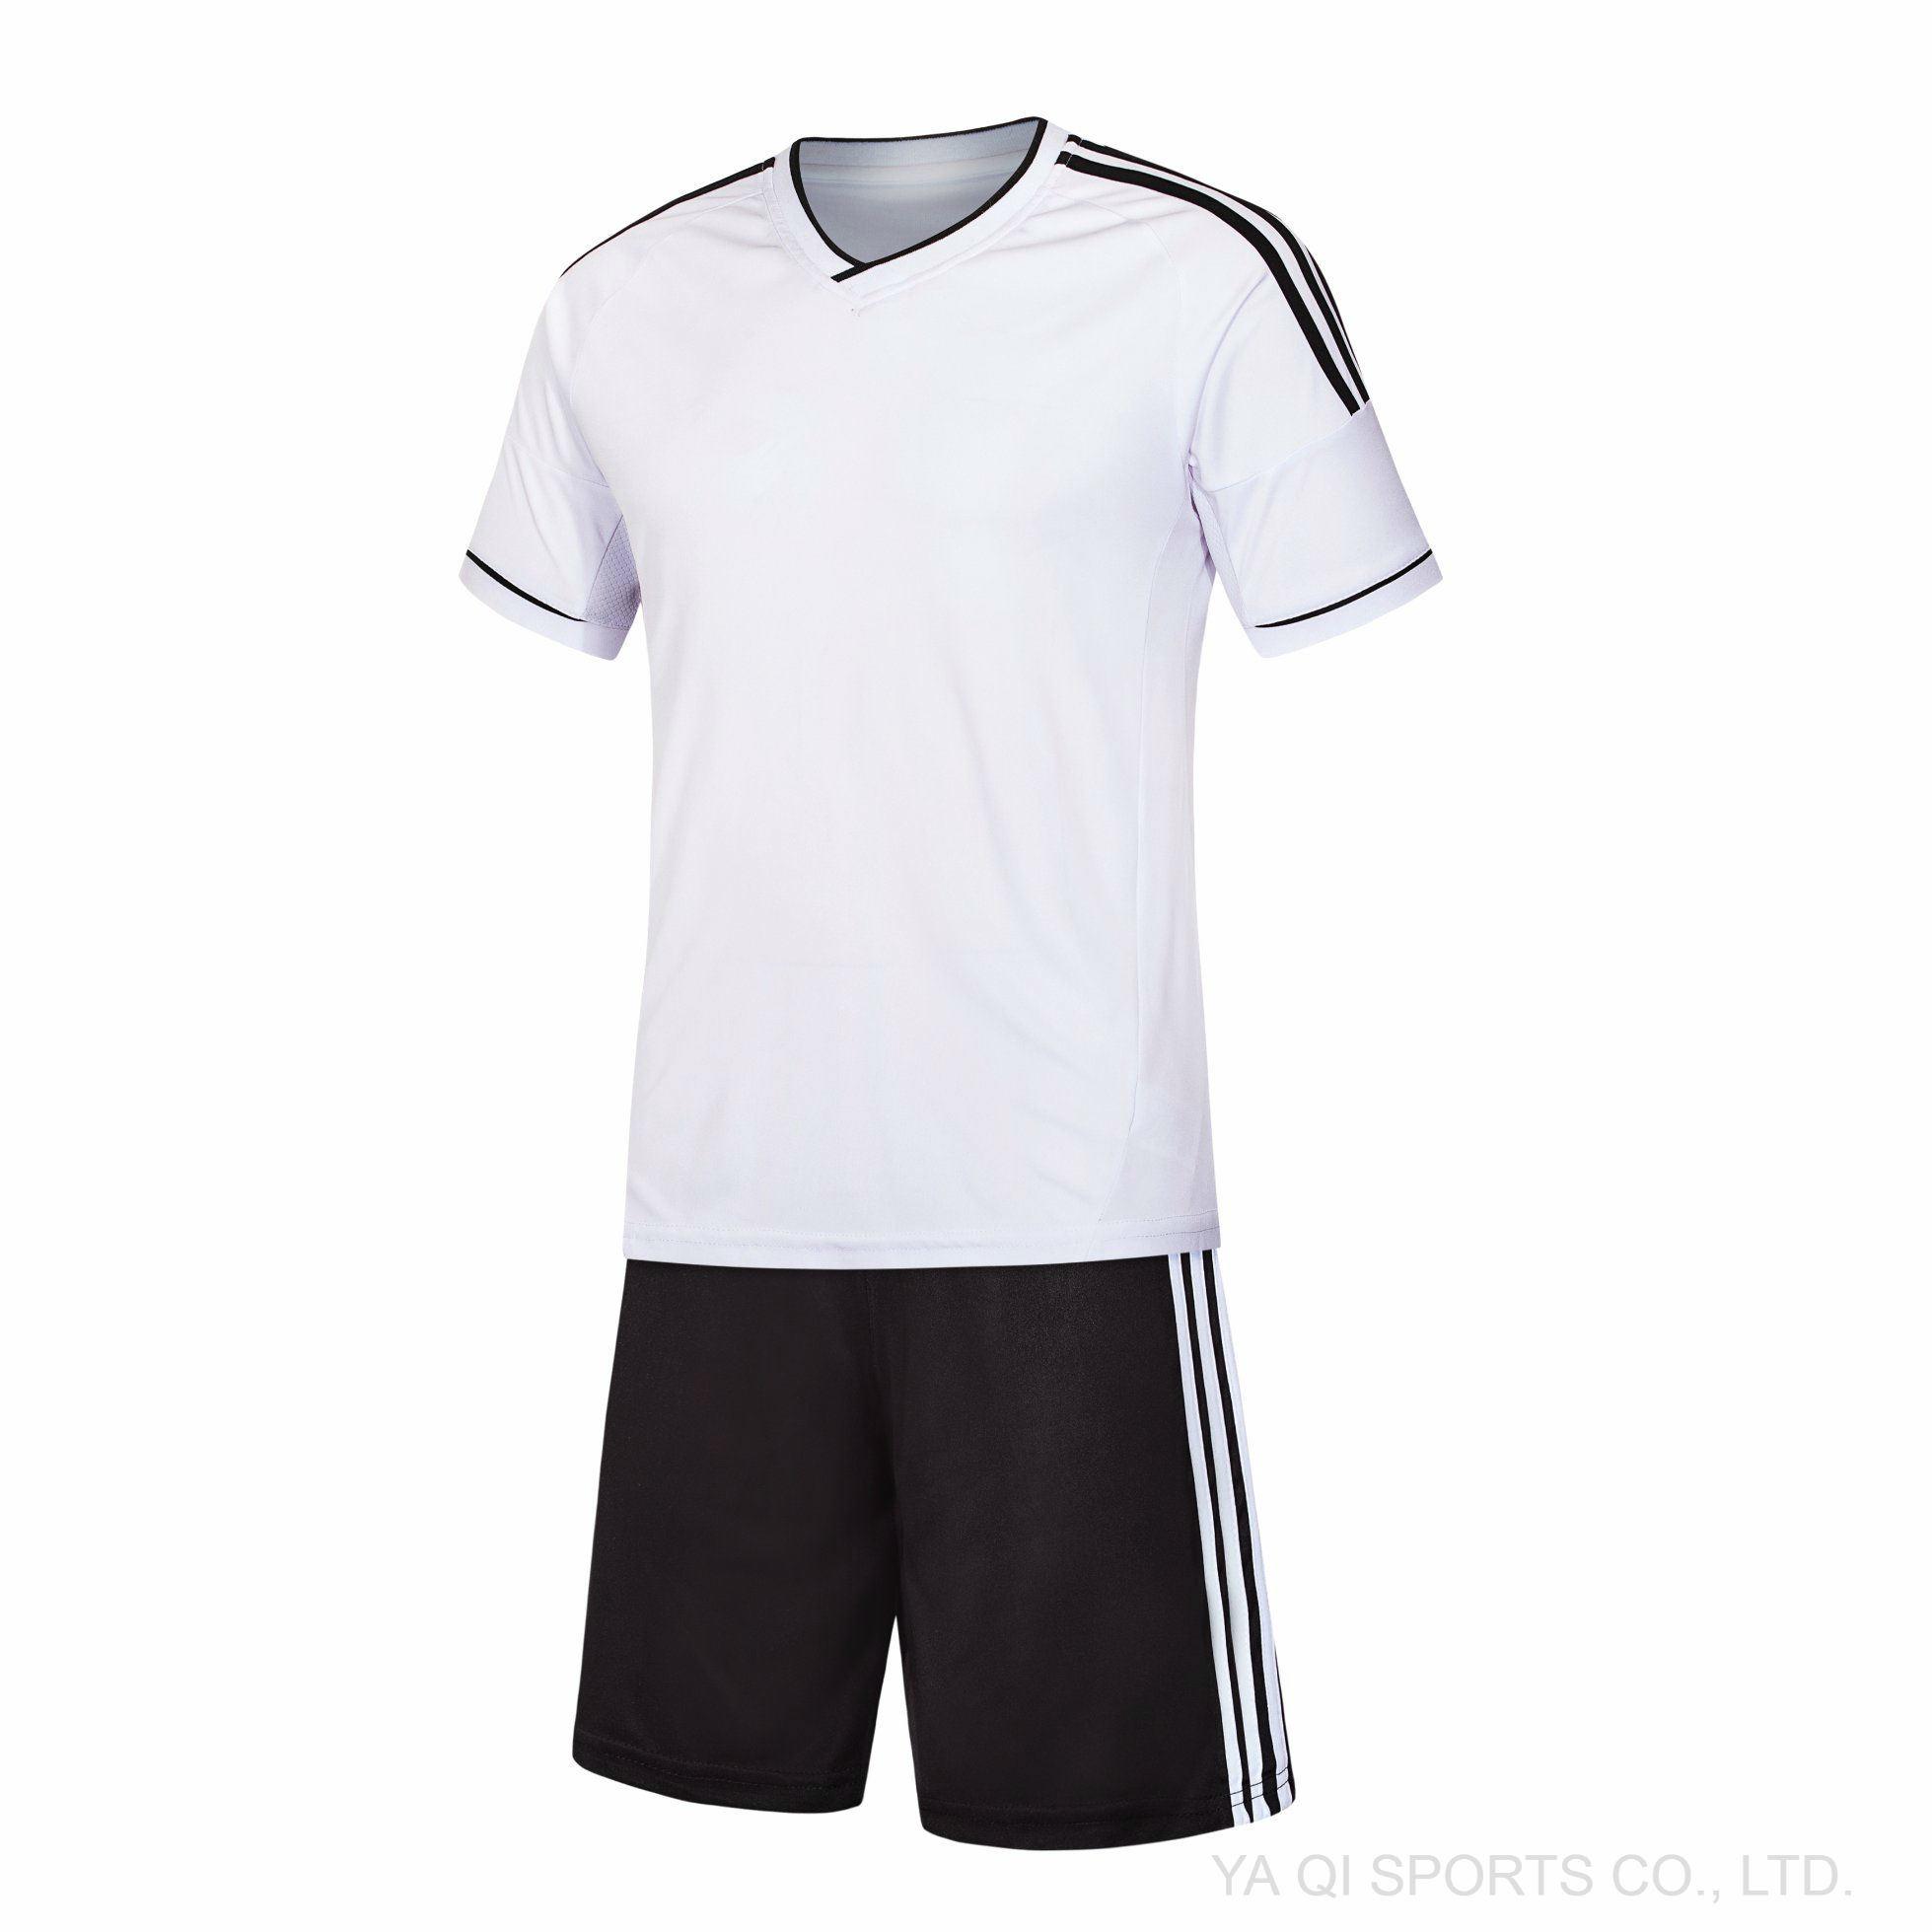 67338f83f57 American Football Uniform 100% Polyester Dry Fit Training Custom Team Men  Full Sublimation Soccer Jersey